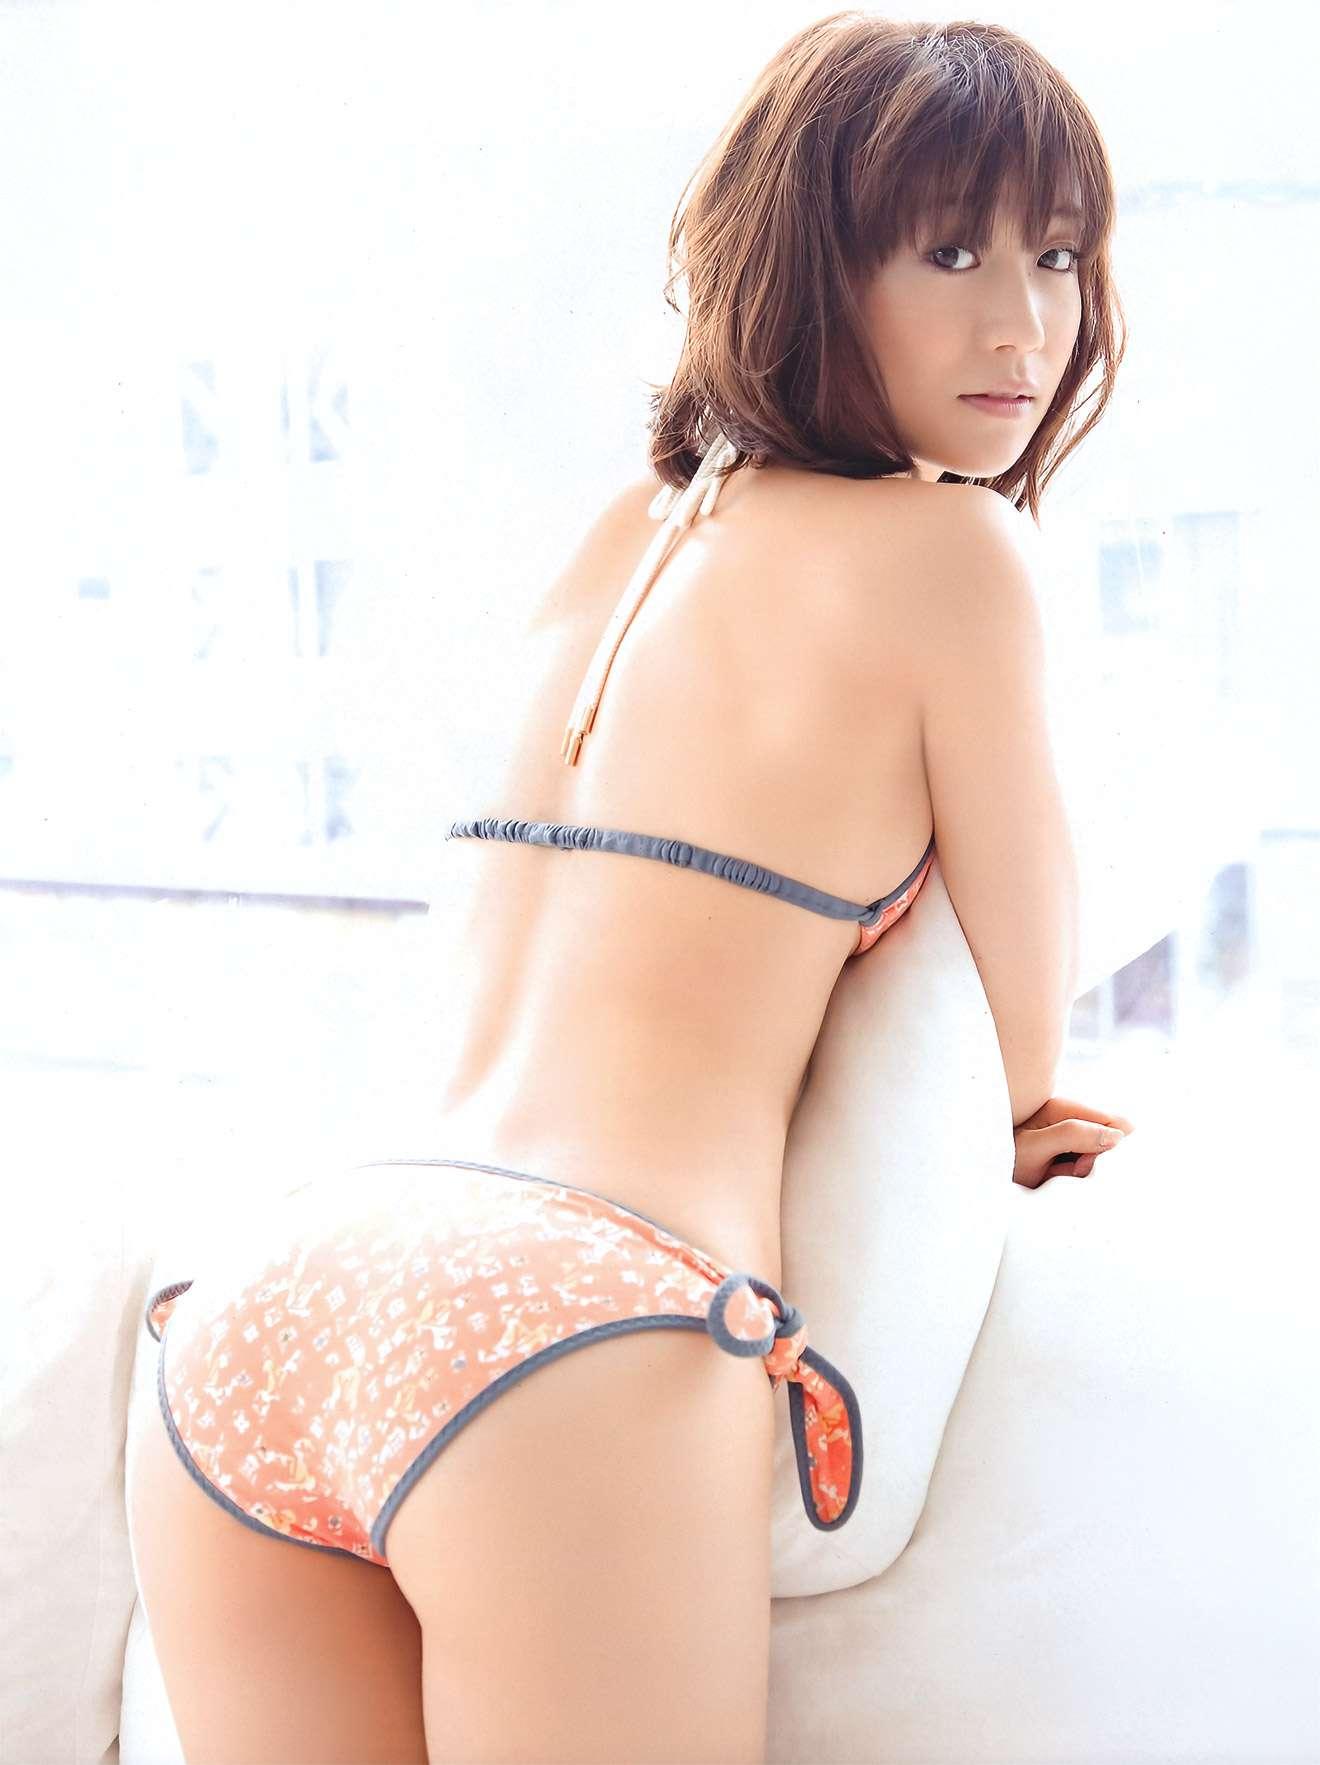 AKB48】大島優子の画像 : 【画像 ...の写真